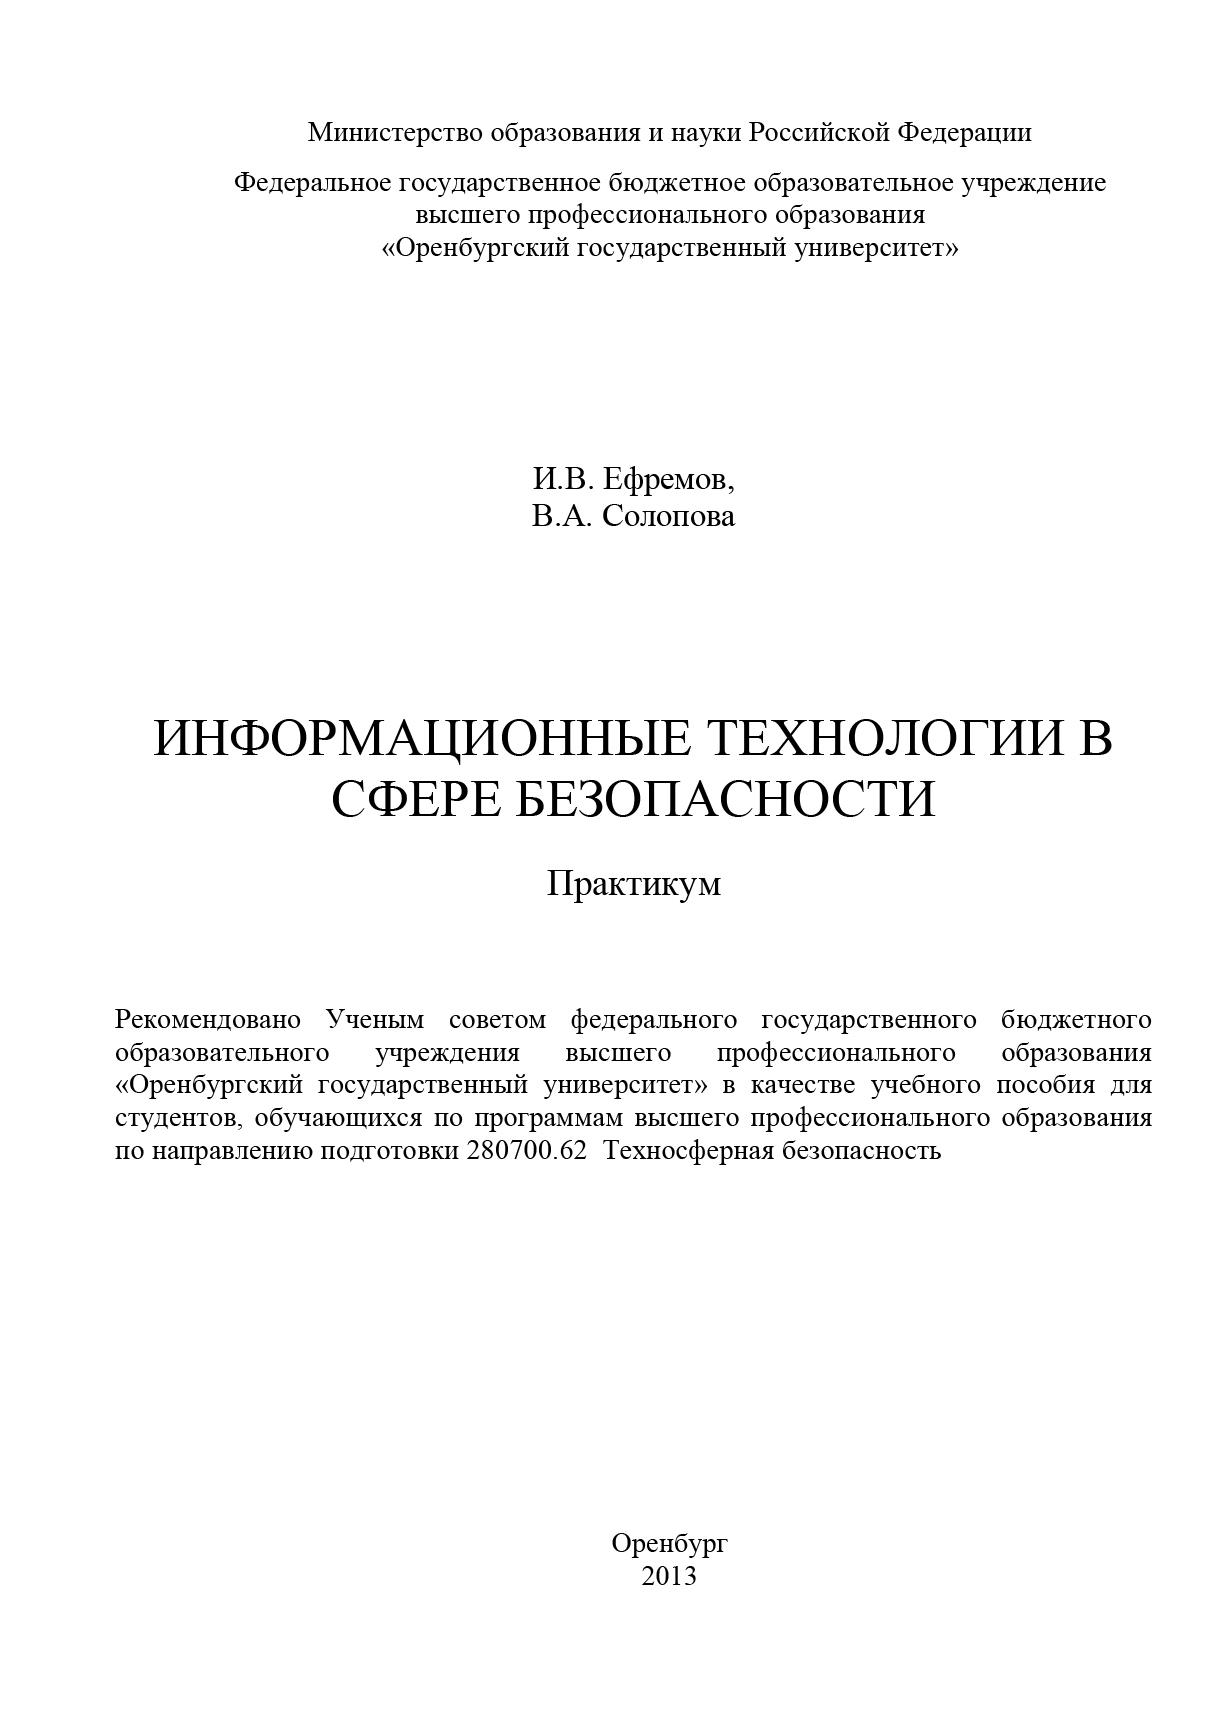 И. В. Ефремов Информационные технологии в сфере безопасности